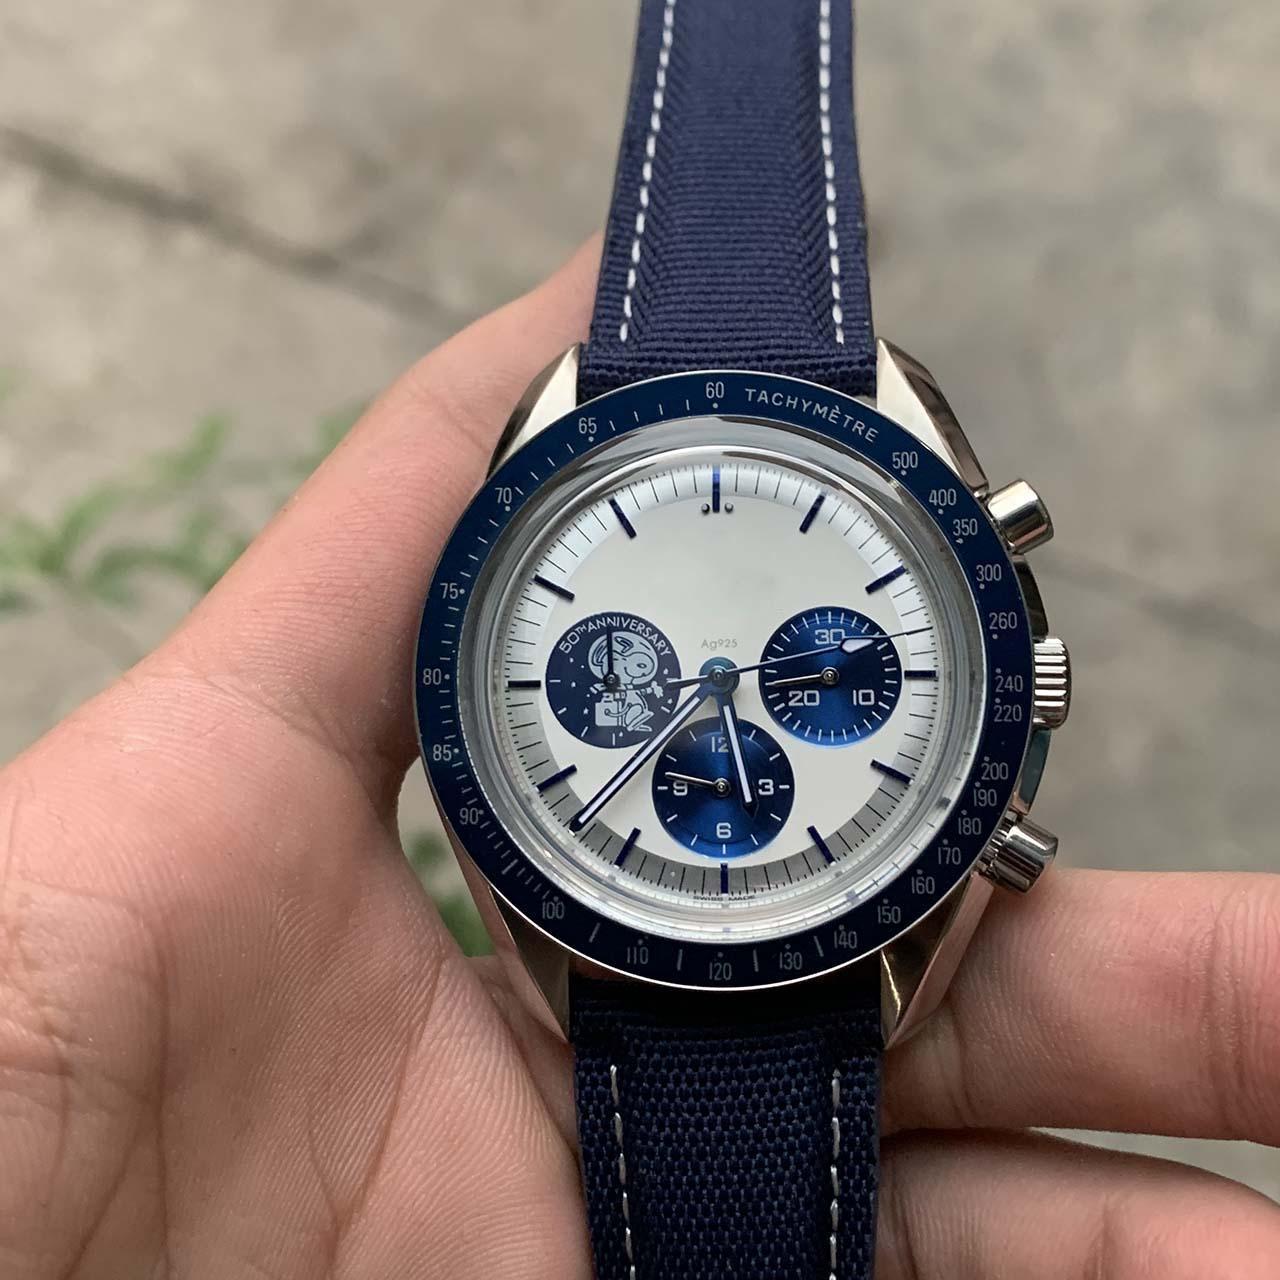 2020 달 시리즈 스눕 시계 쿼츠 배터리 운동 크로노 그래프 기능 남성 시계 강철 스트랩 스포츠 손목 시계 최고의 품질 Joan007